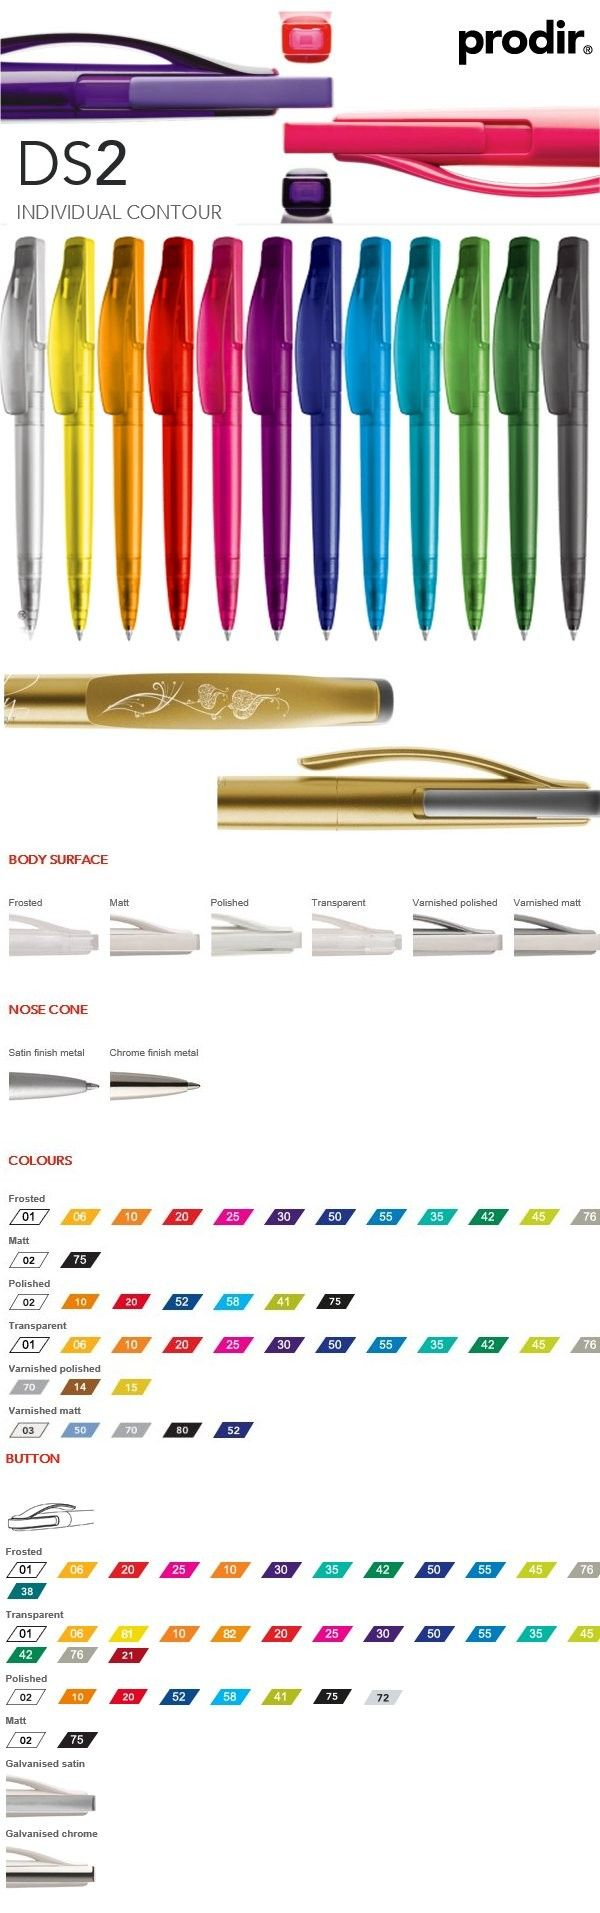 DS2 Prodir.. Wat een mooie pen en ook nog voor een mooie prijs!